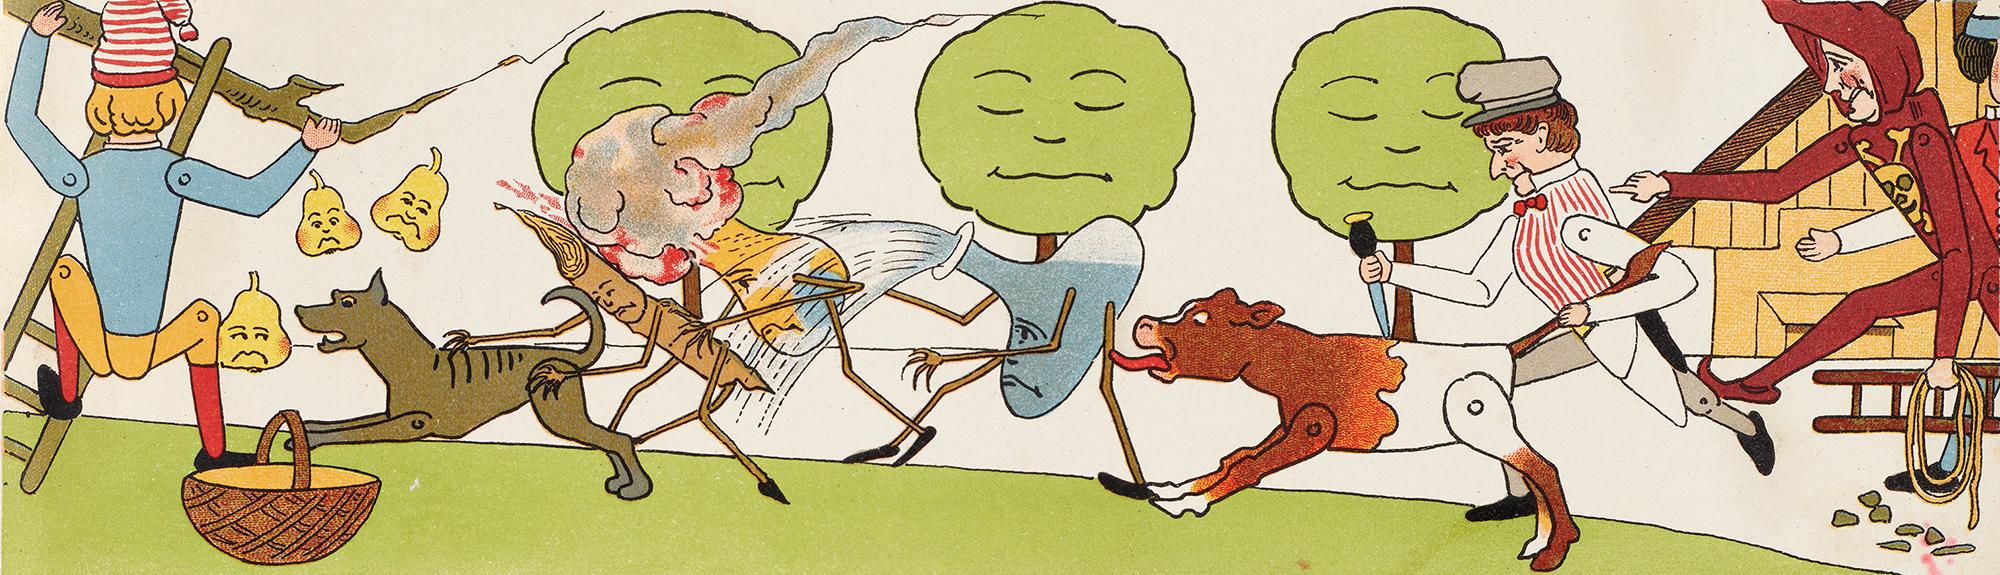 Dans la première édition du Joggeli de Lisa Wenger, l'histoire mettait en scène un bourreau, qui a disparu dans les versions suivantes.